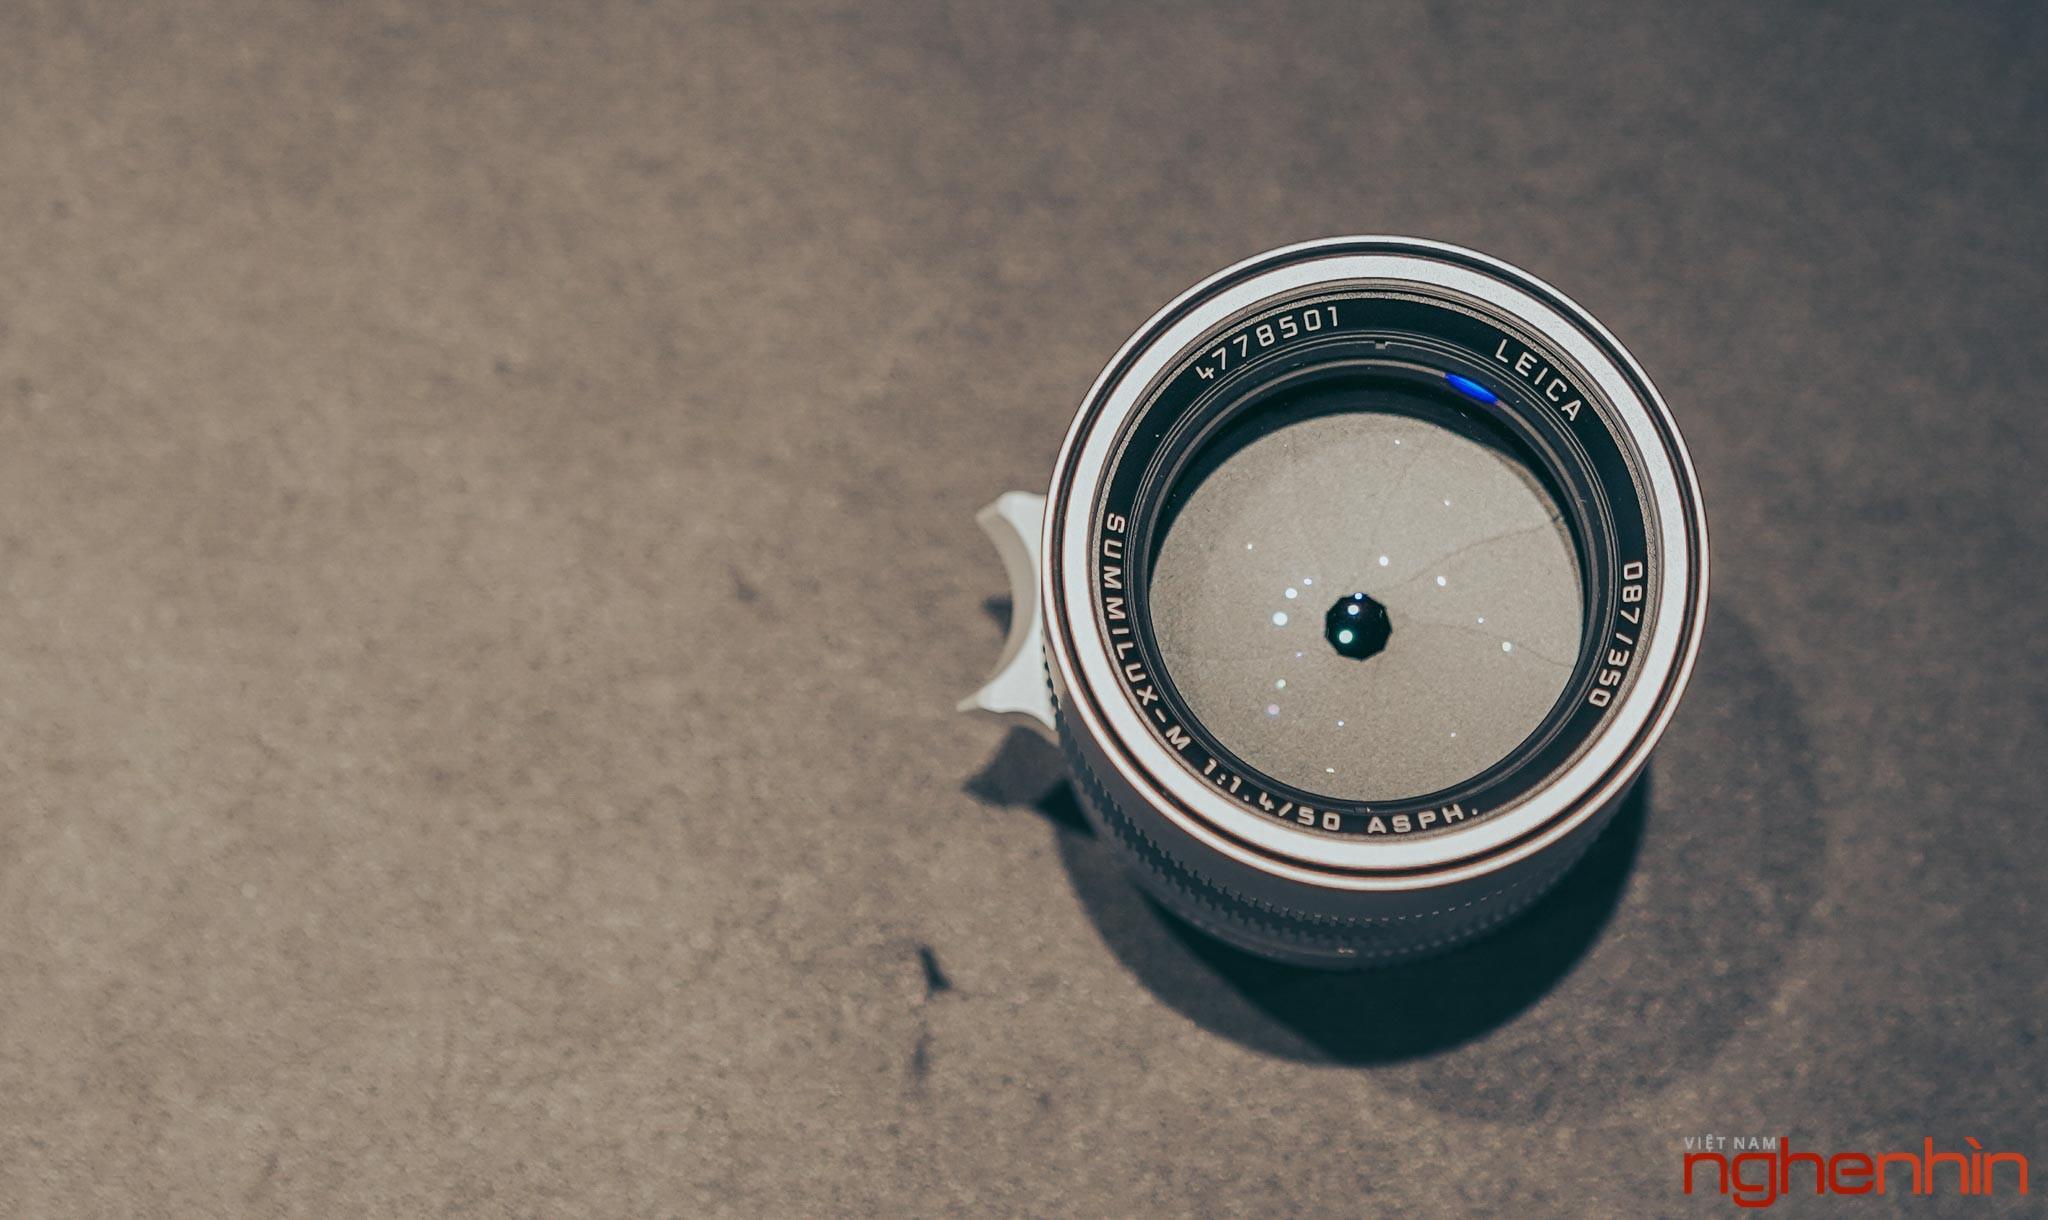 Trên tay Leica M10-P 'White' Edition tại Việt Nam: giá 420 triệu, giới hạn 350 chiếc Ảnh 11